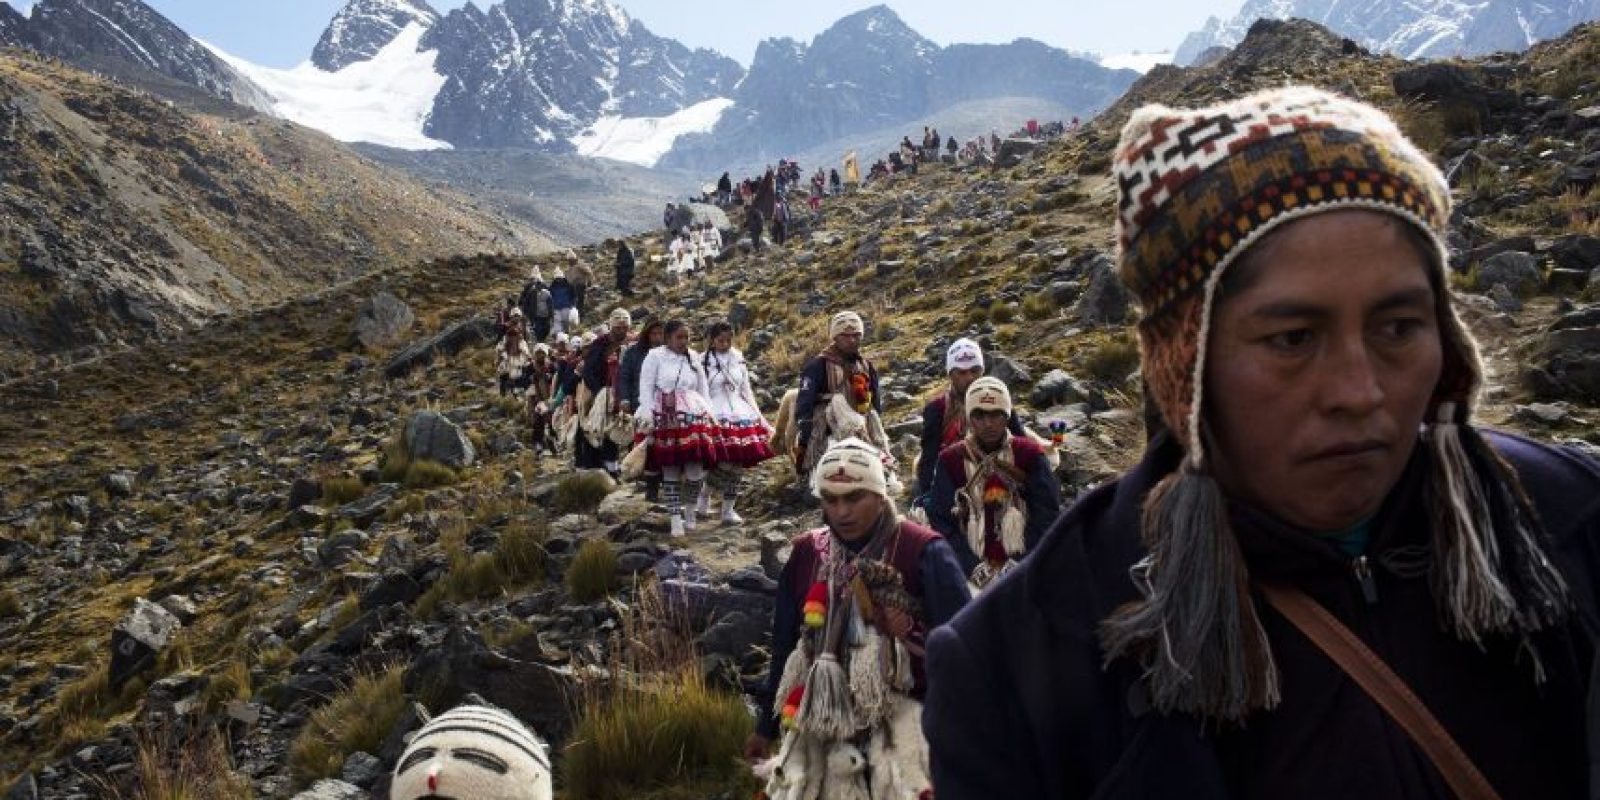 """En esta fotografía del 24 de mayo de 2016 """"ukukus"""", que representan a criaturas míticas mitad hombre mitad oso, descienden de la montaña Qullqip'unqu y son recibidos por mujeres y niños en el último de los tres días del festival de Qoyllur Rit'i, traducido de la lengua quechua como Estrella de Nieve, en el Valle Sinakara en la región de Cusco en Perú. Foto:AP Photo/ Rodrigo Abd"""